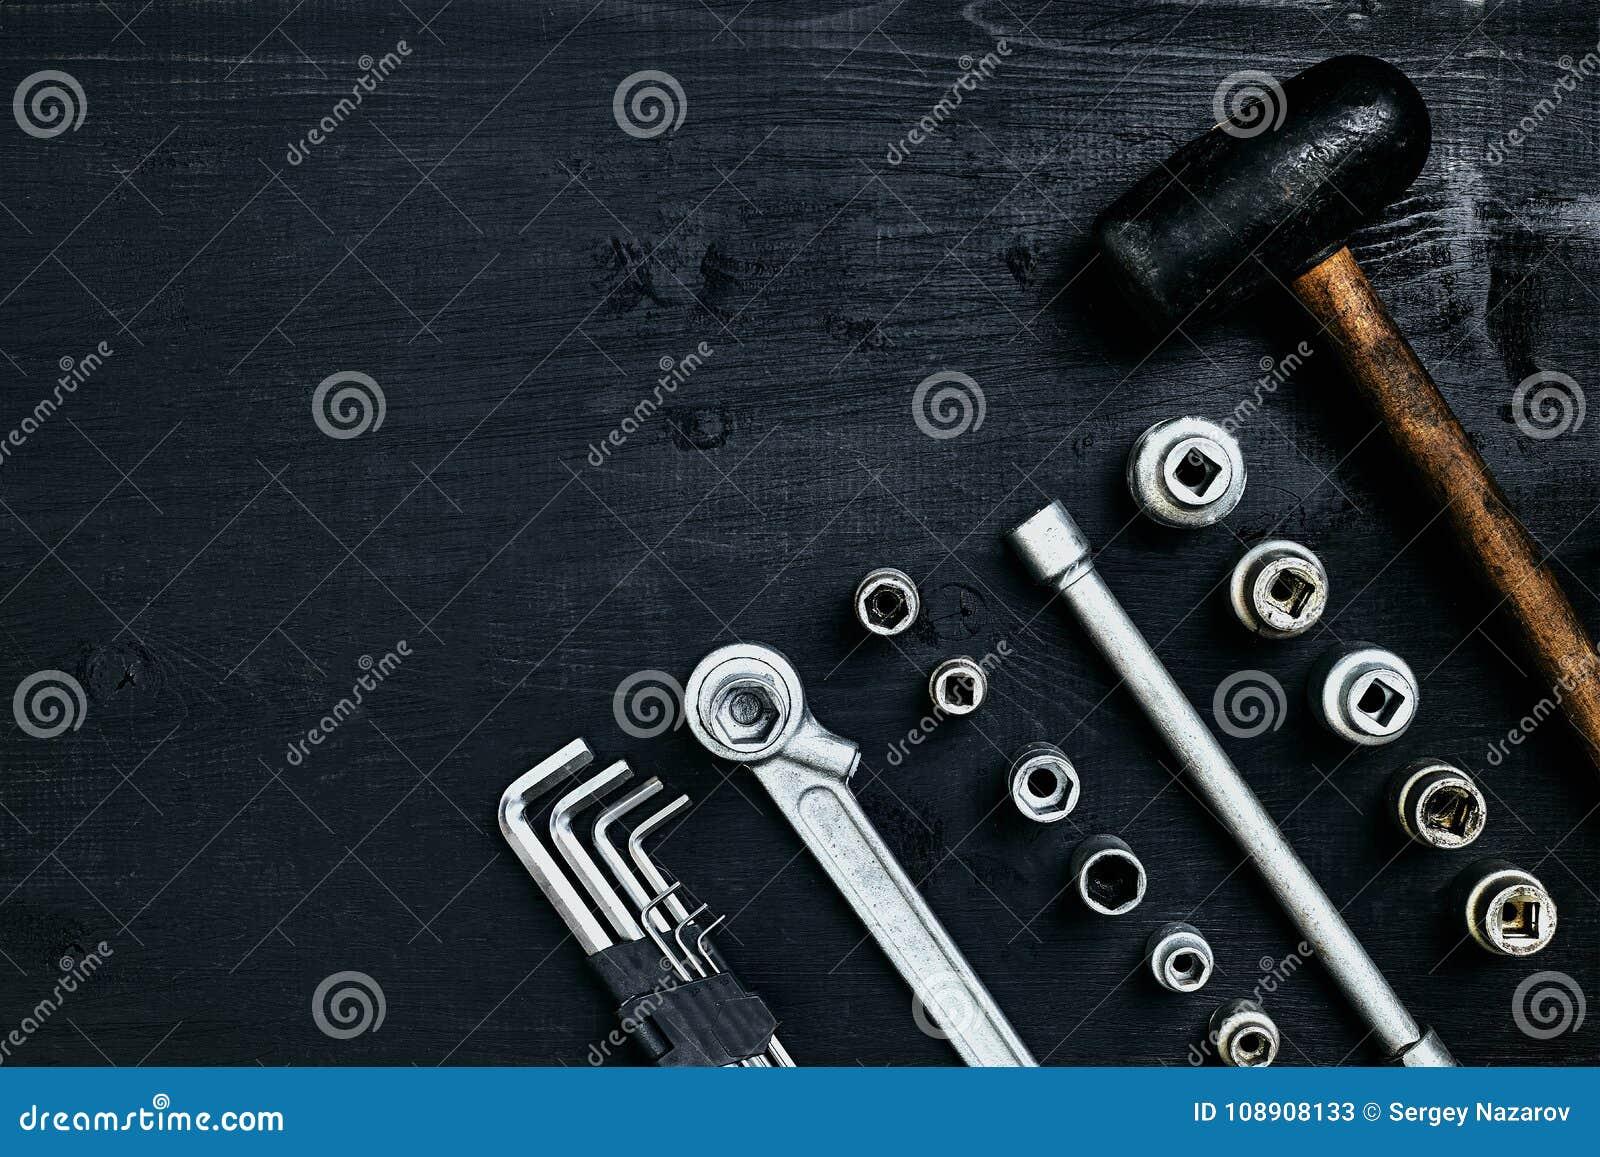 Erneuerung eines Autos Ein Satz der Reparatur bearbeitet Hexenschlüssel, einen Hammer und einen Schraubenzieher auf einem schwarz